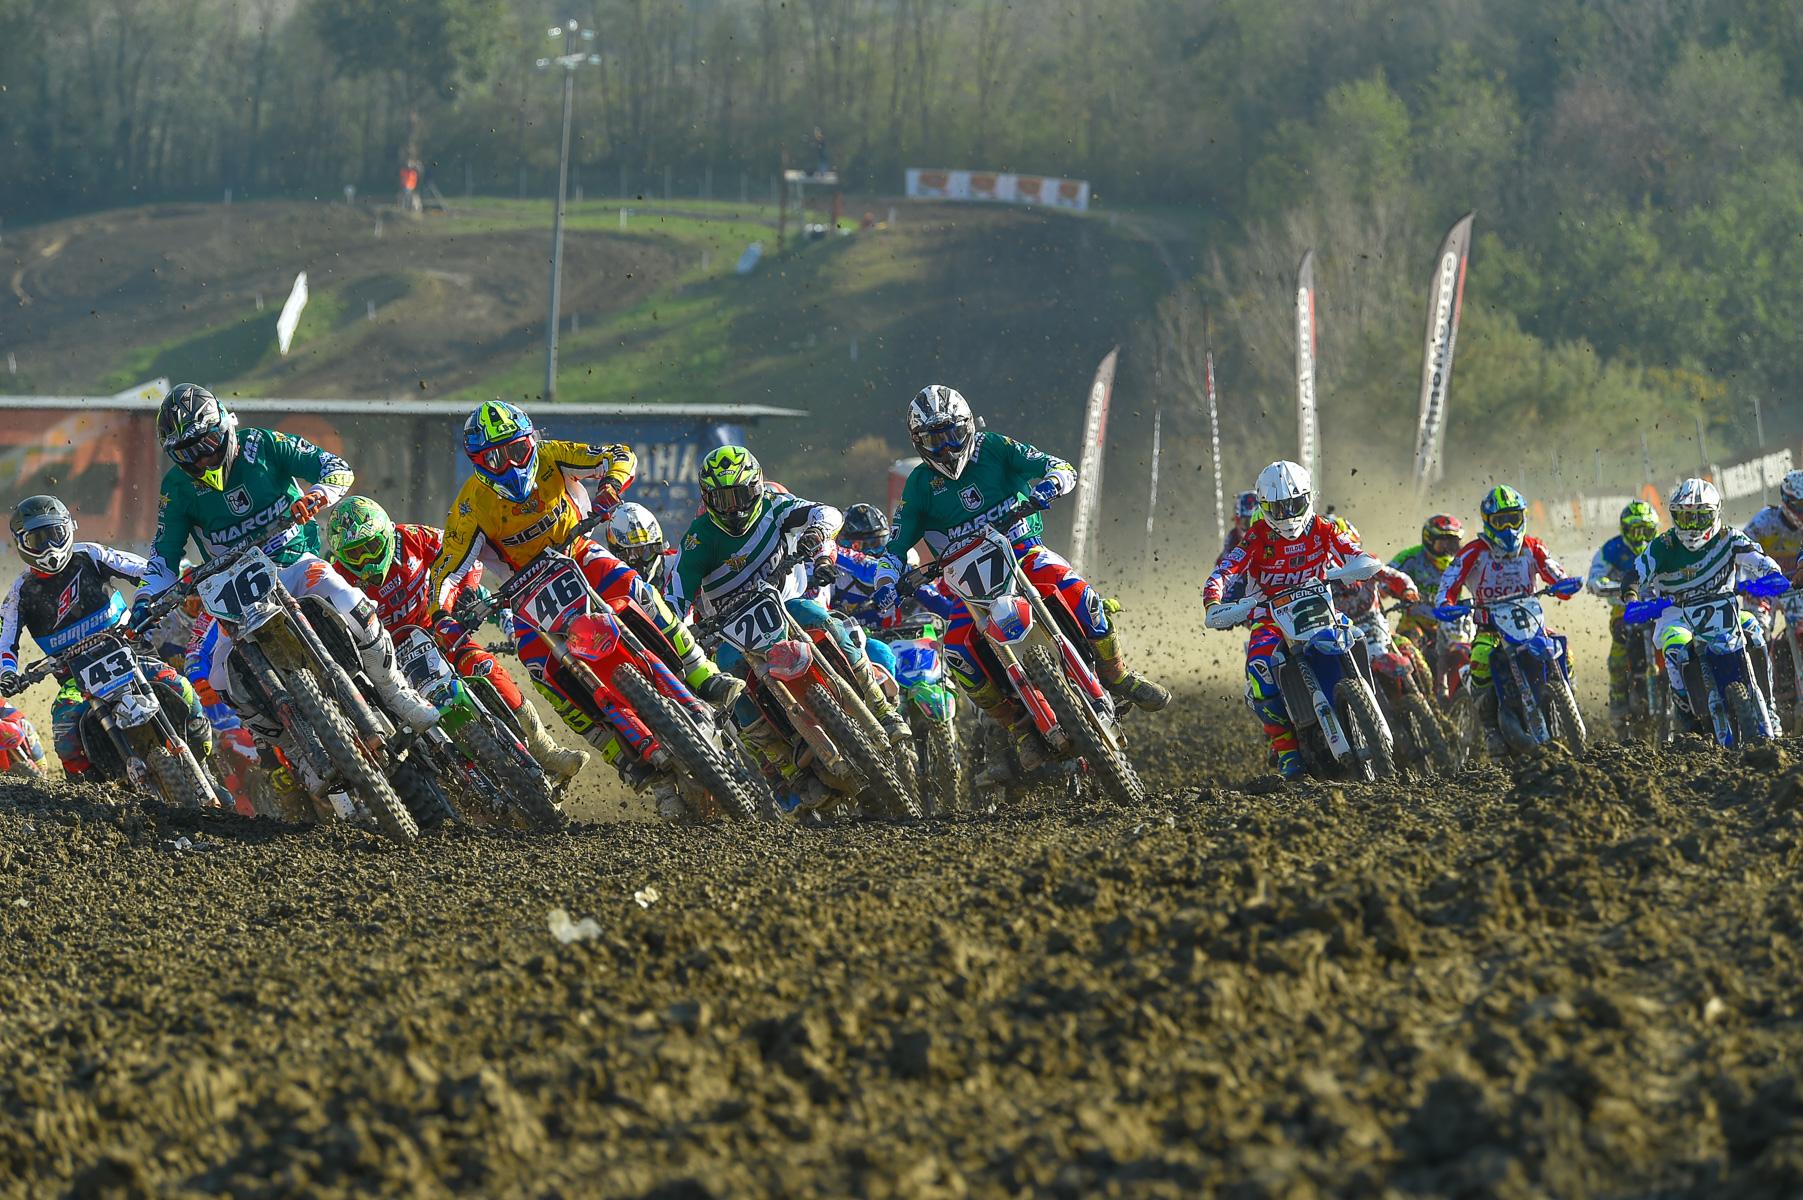 Trofeo delle regioni Alberto Morresi